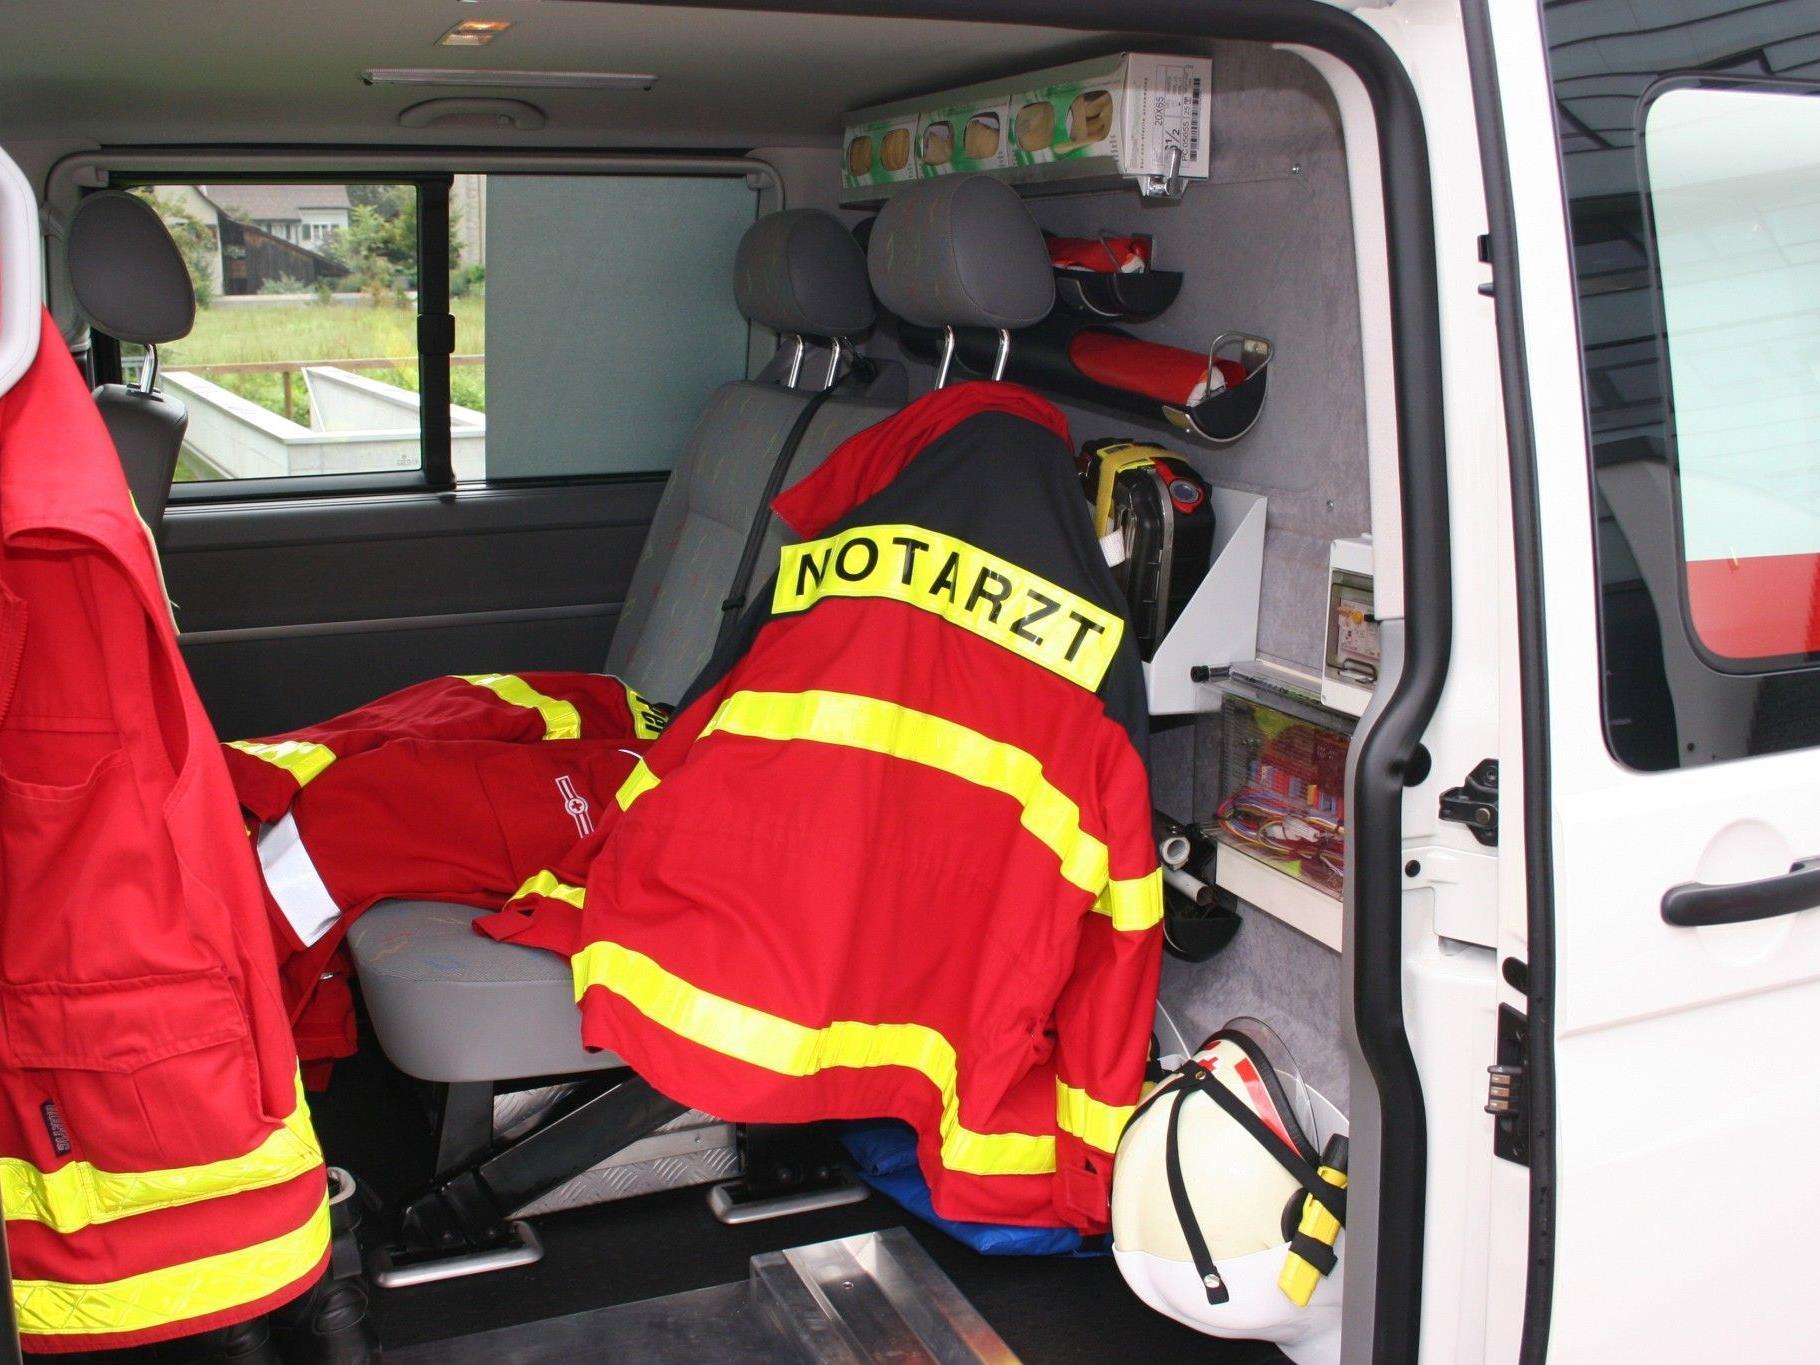 Einer der Beteiligten erlitt durch den Unfall leichte Verletzungen.